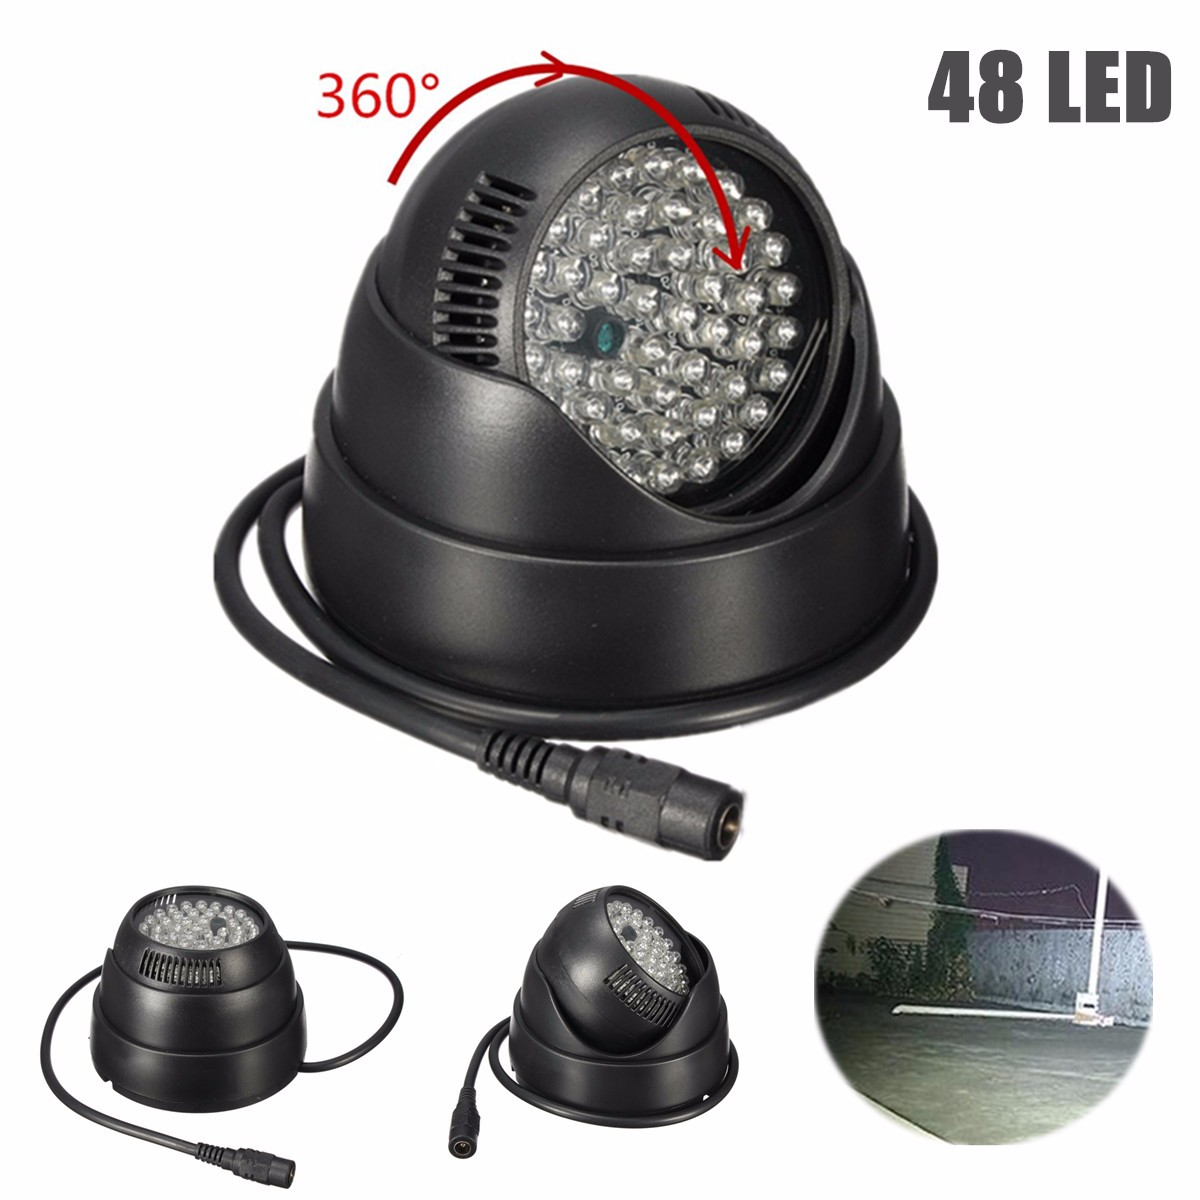 Rotation de 360 degrés 48 LED pour le lampe à LED d'assistance de Vision nocturne infrarouge IR pour la caméra de sécurité de Surveillance CCTV